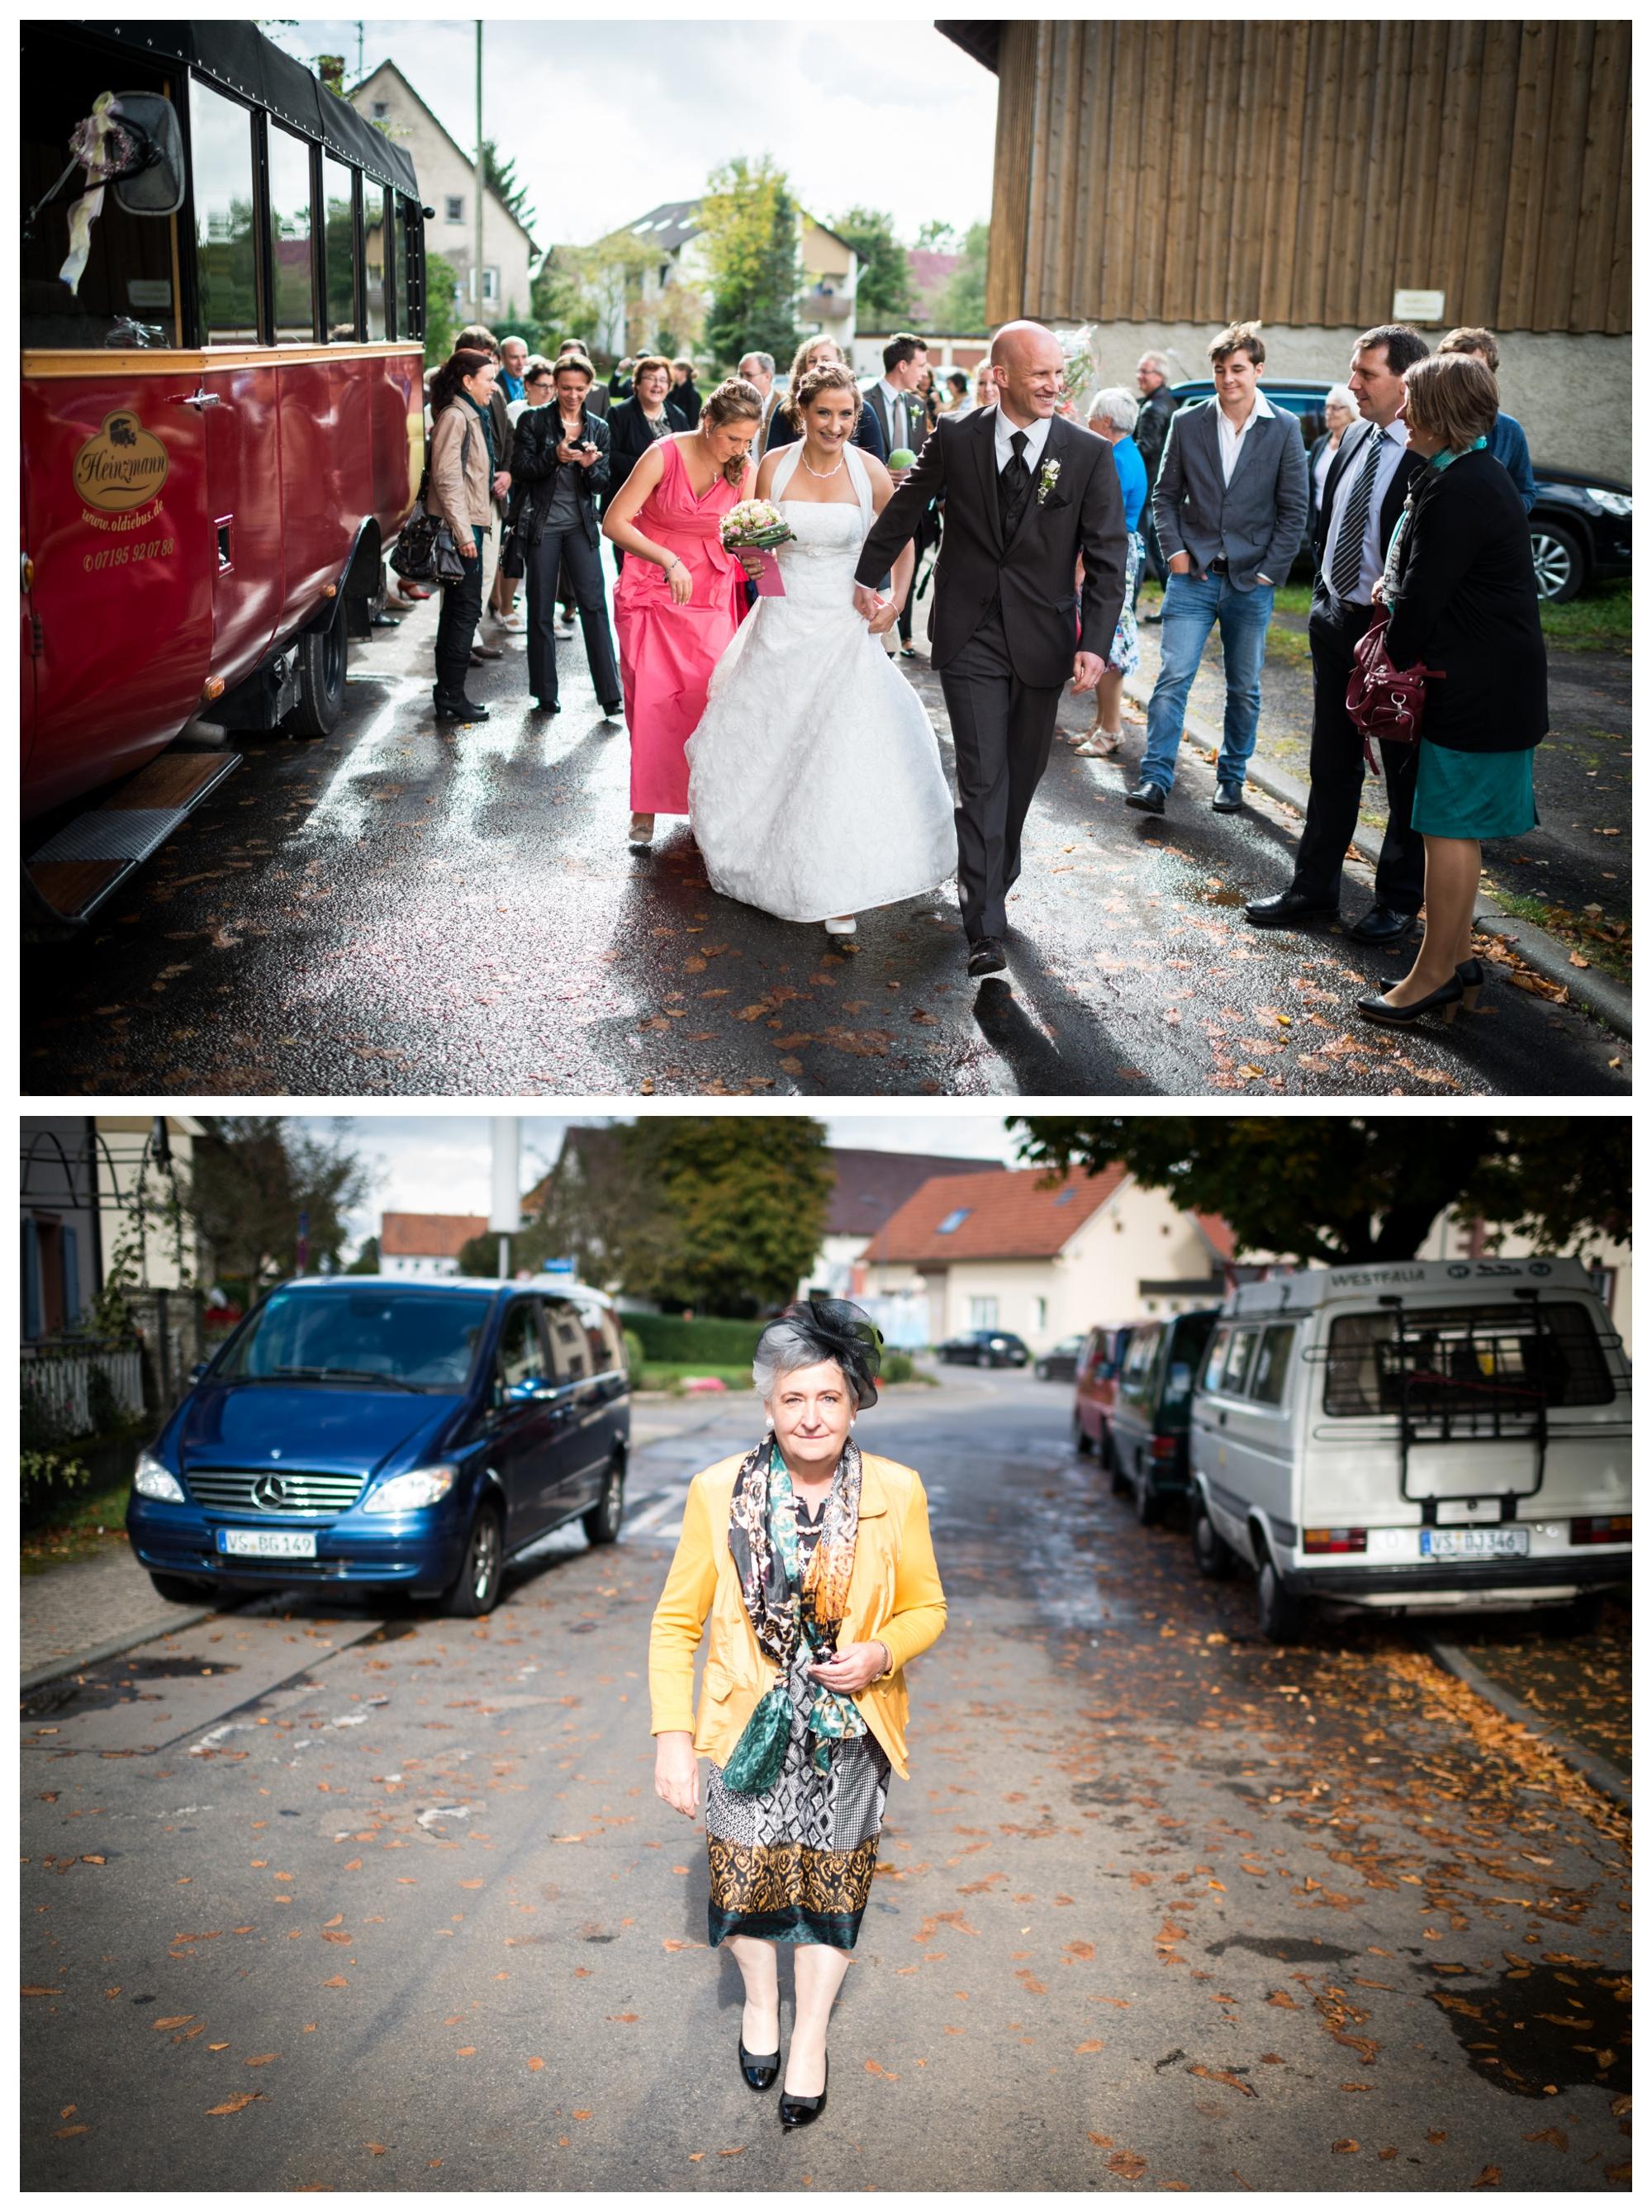 Fotograf Konstanz - Als Hochzeitsfotograf in Bad Dürrheim unterwegs  - 37 -